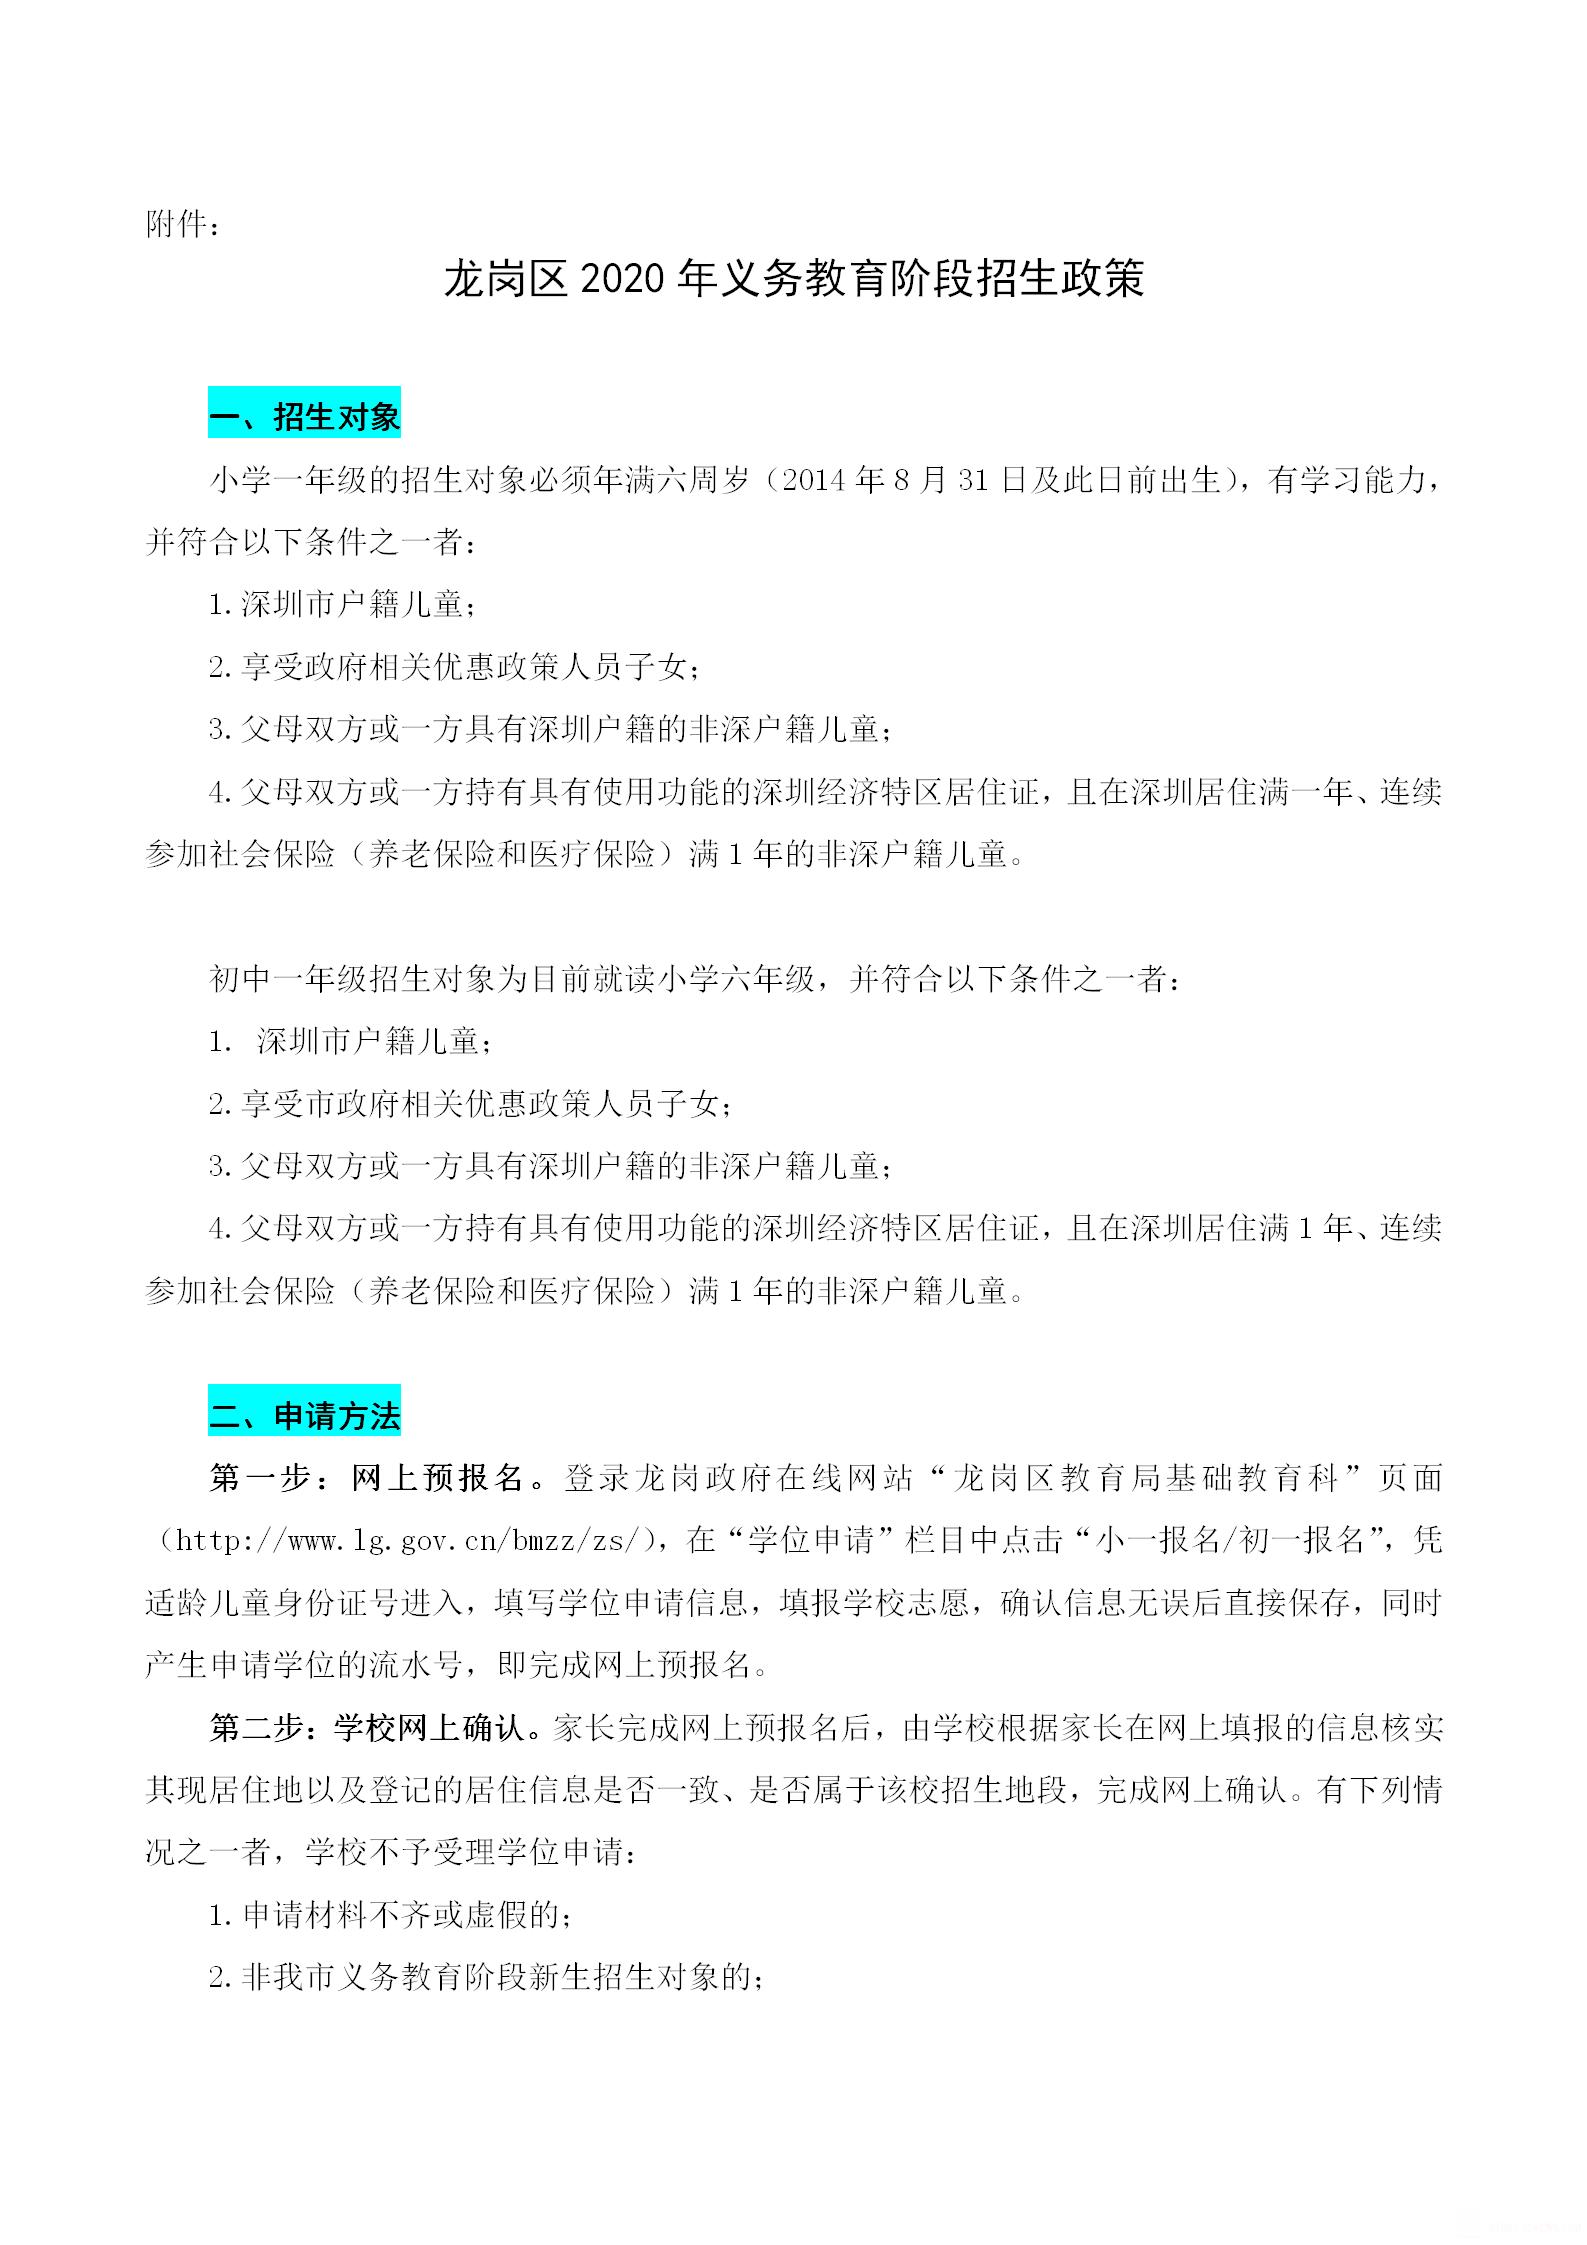 附件:龙岗区2020年义务教育阶段招生政策_01.png